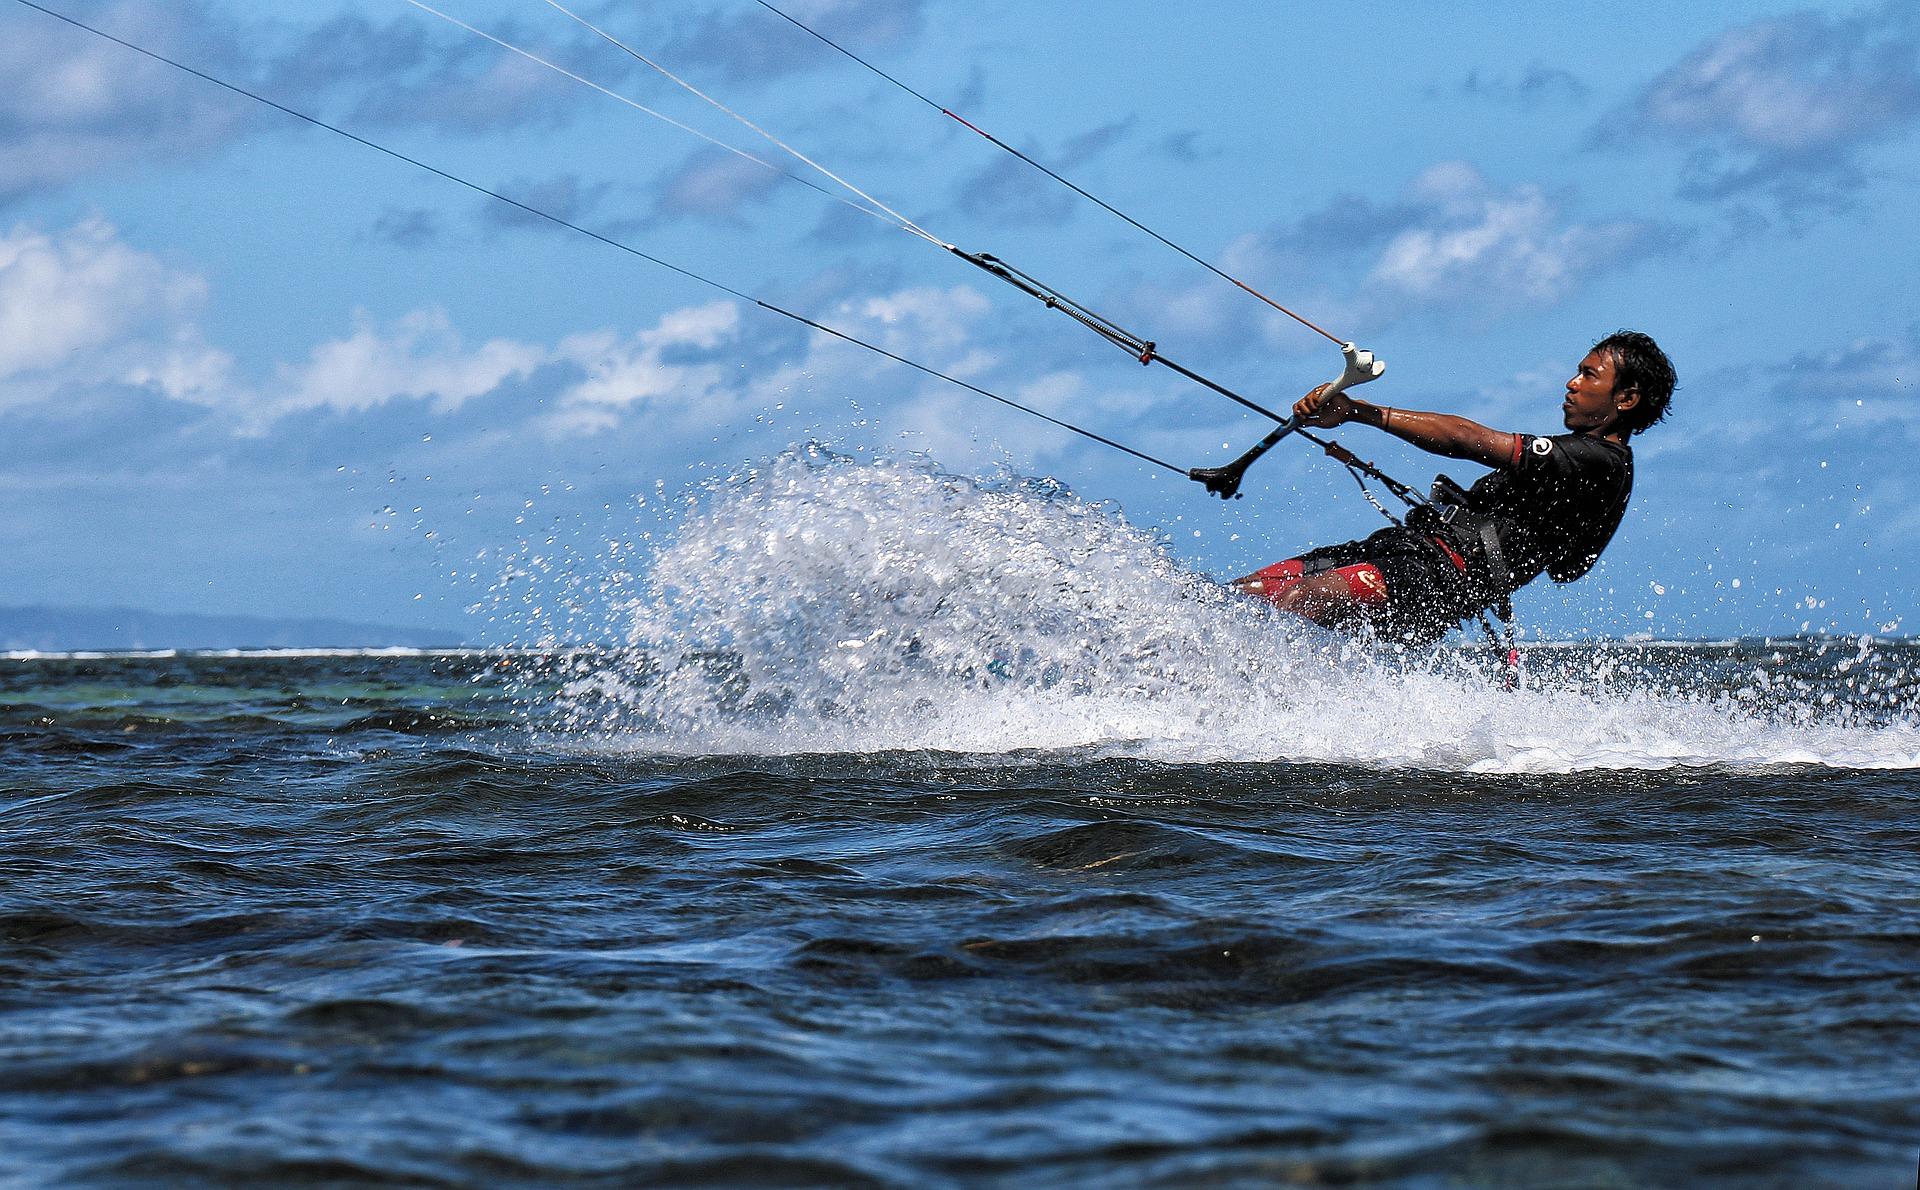 kite-surfing-1778290_1920